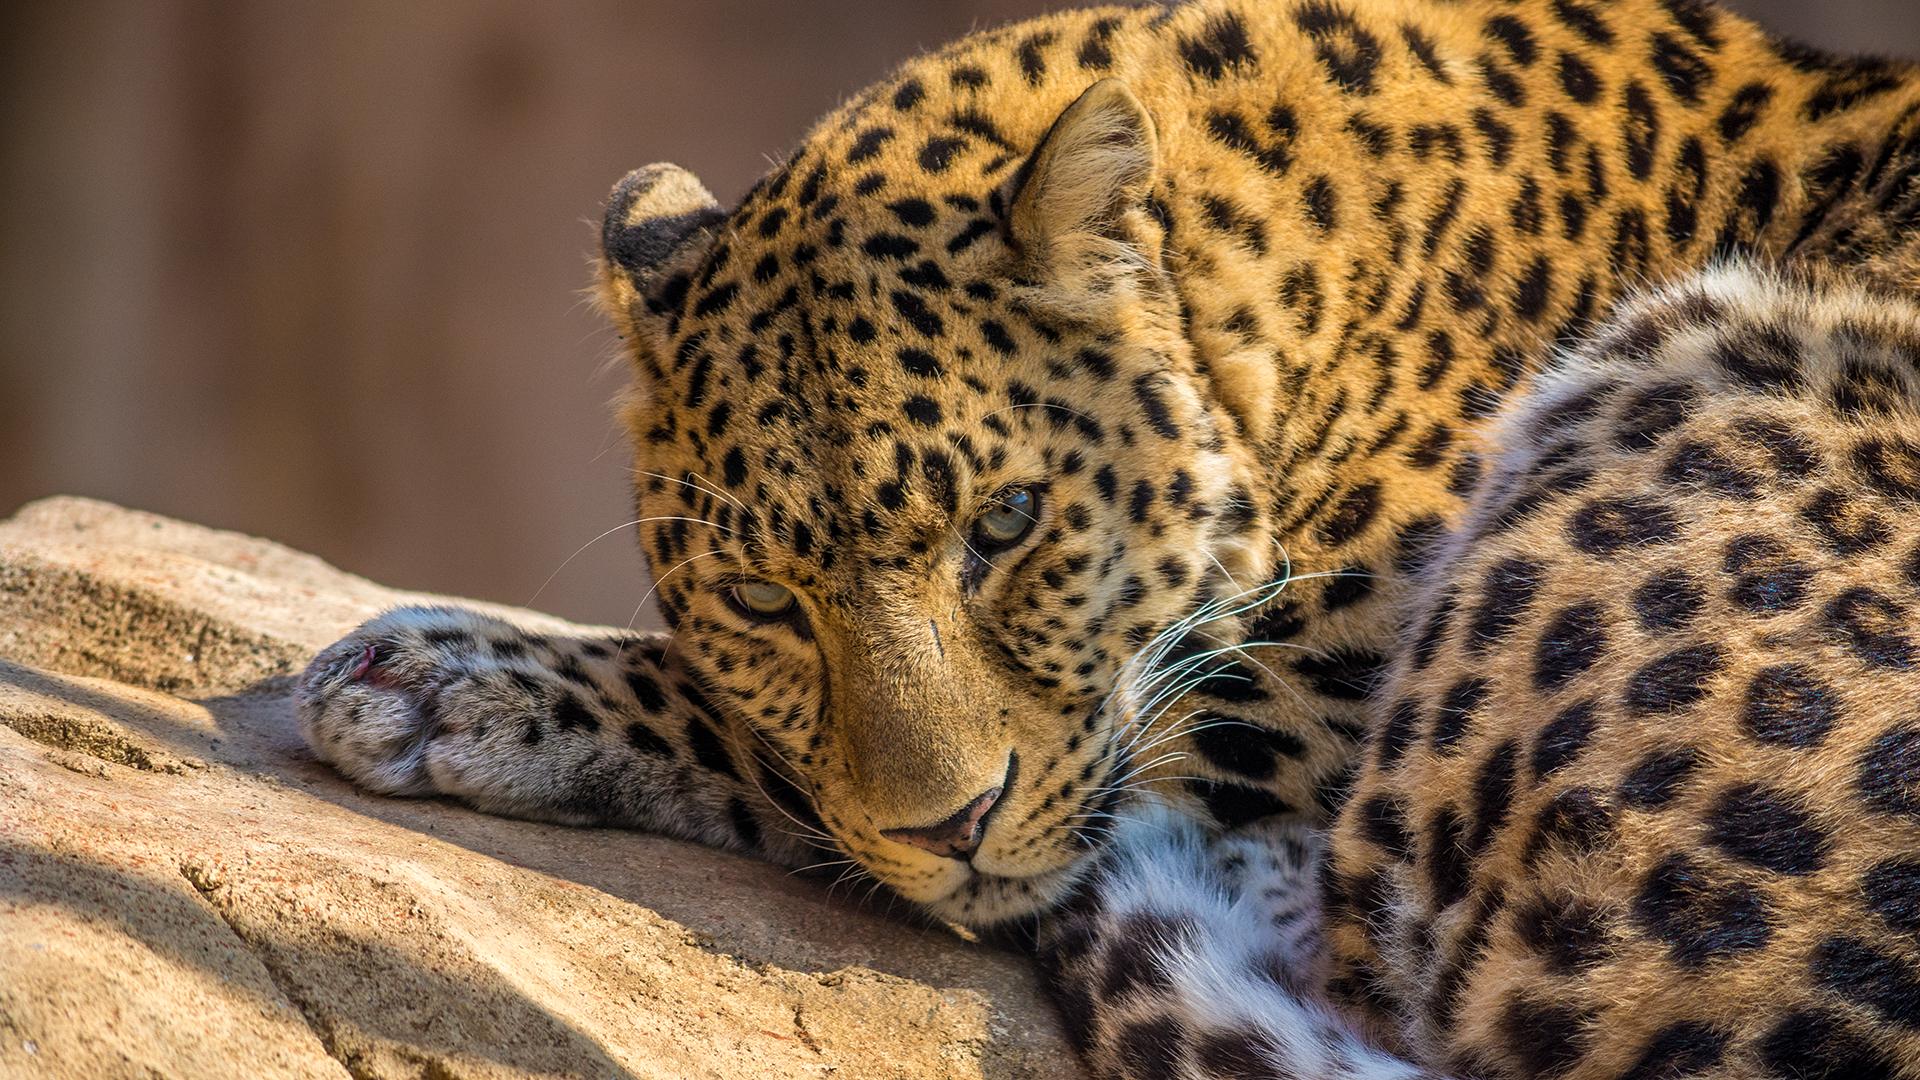 leopard_1920x1080